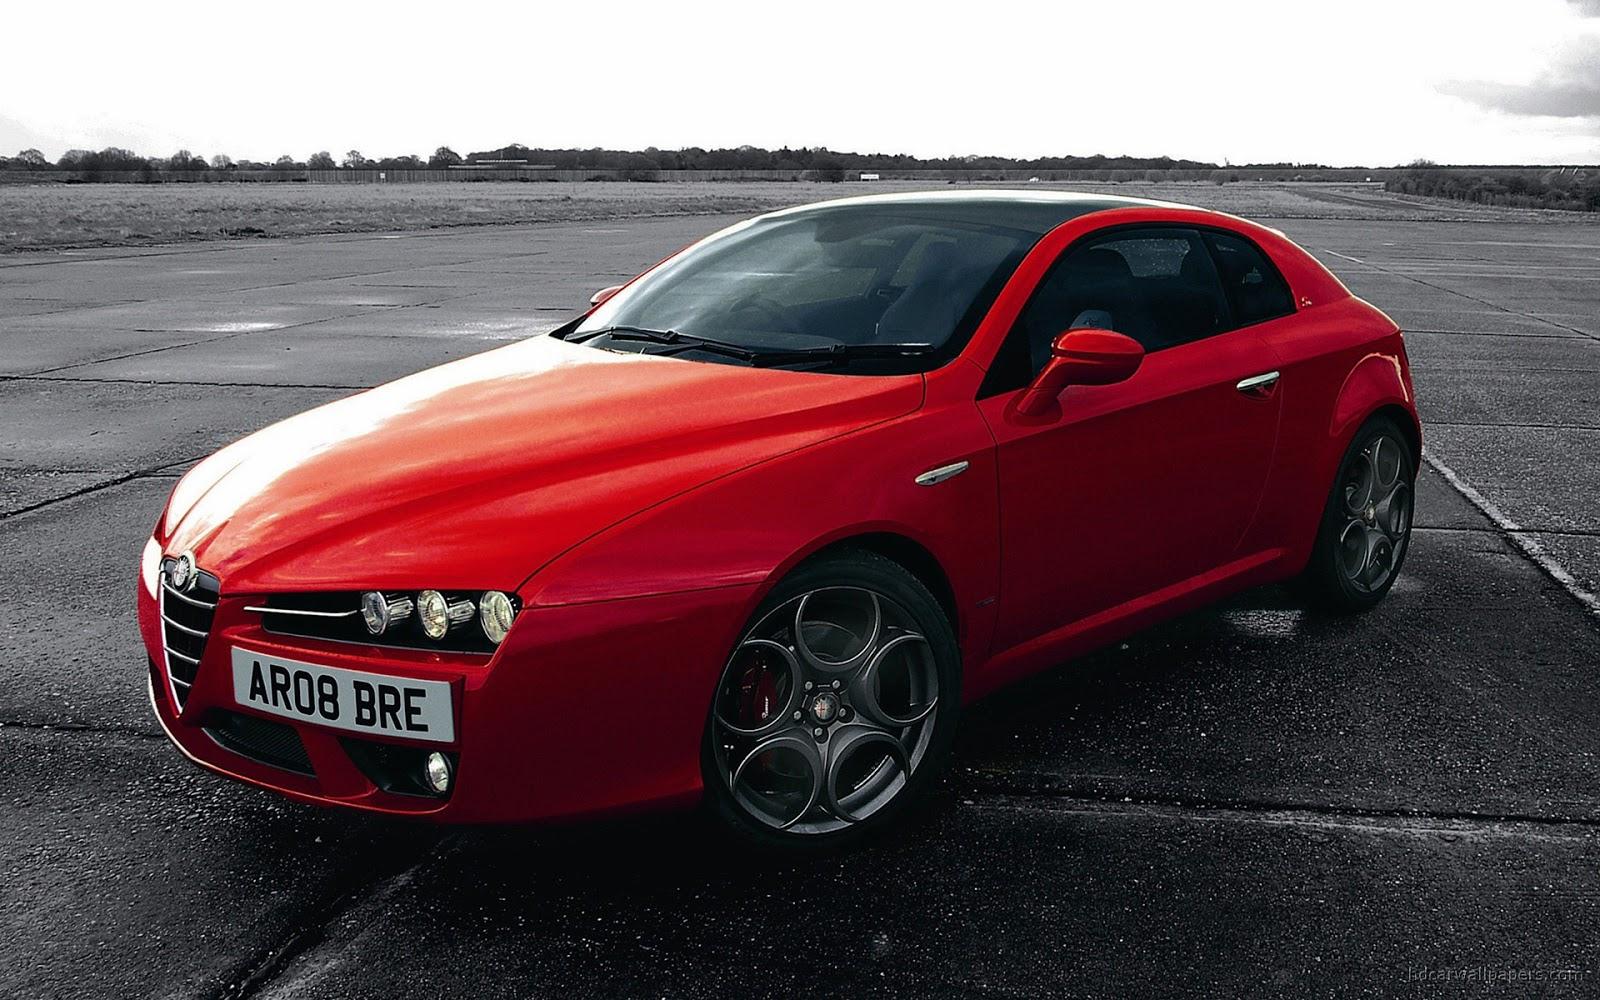 Alfa Romeo Brera S 2